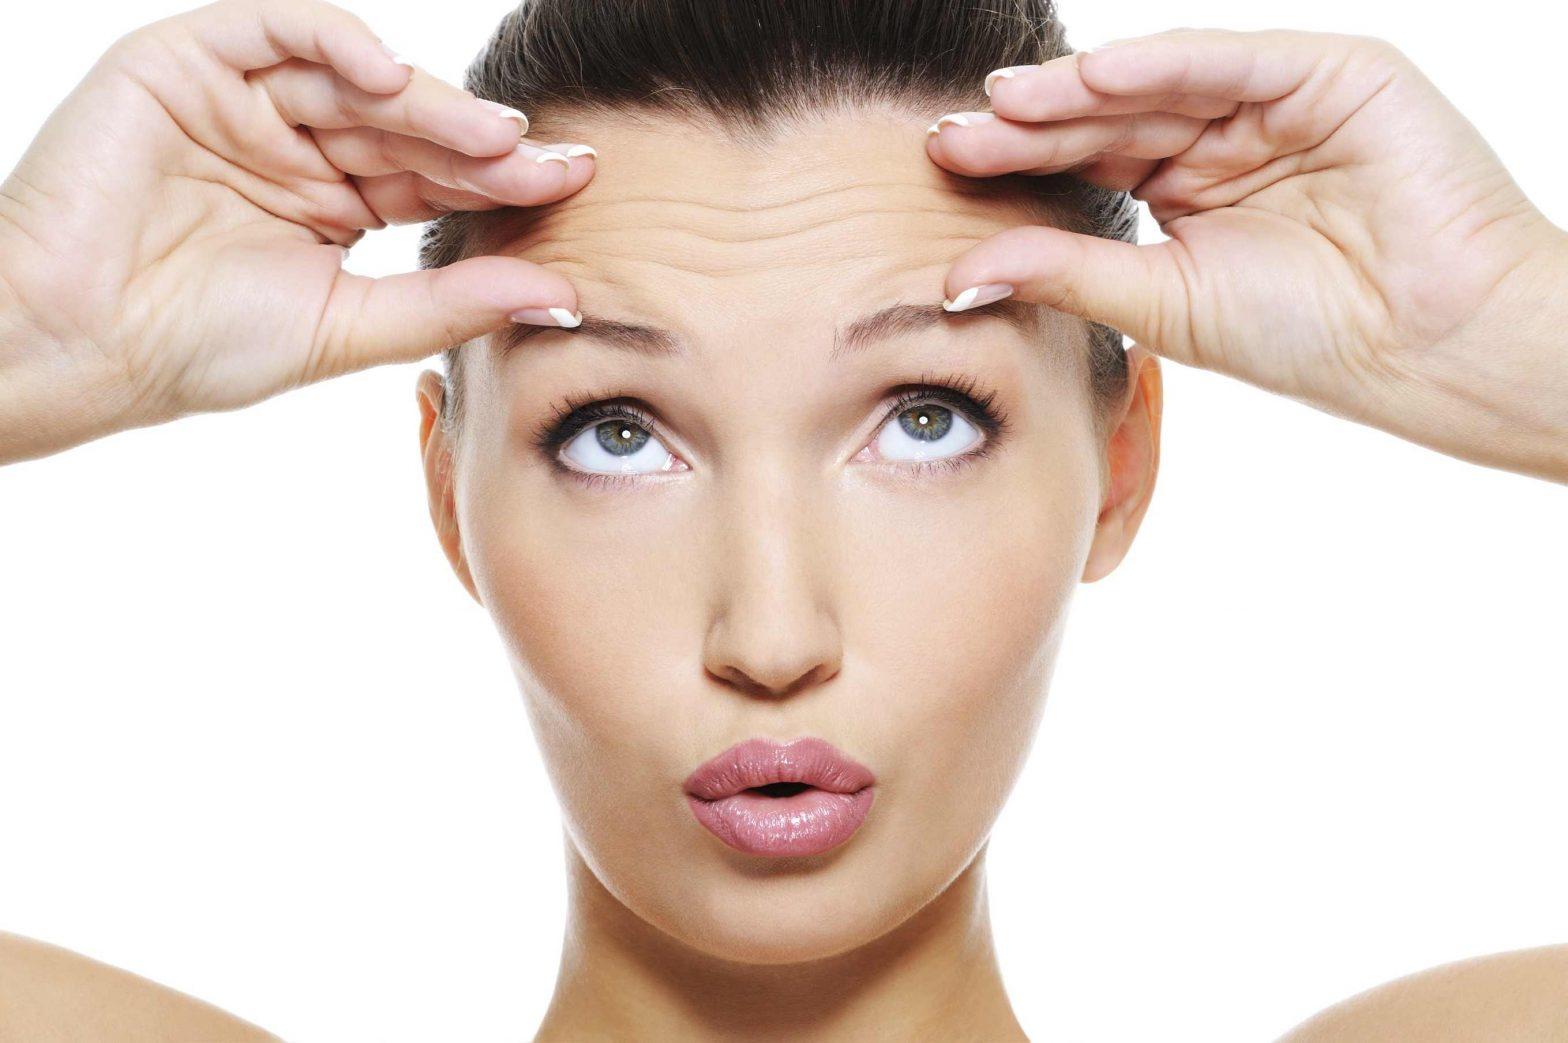 Preenchimento facial e Botox: qual a diferença?